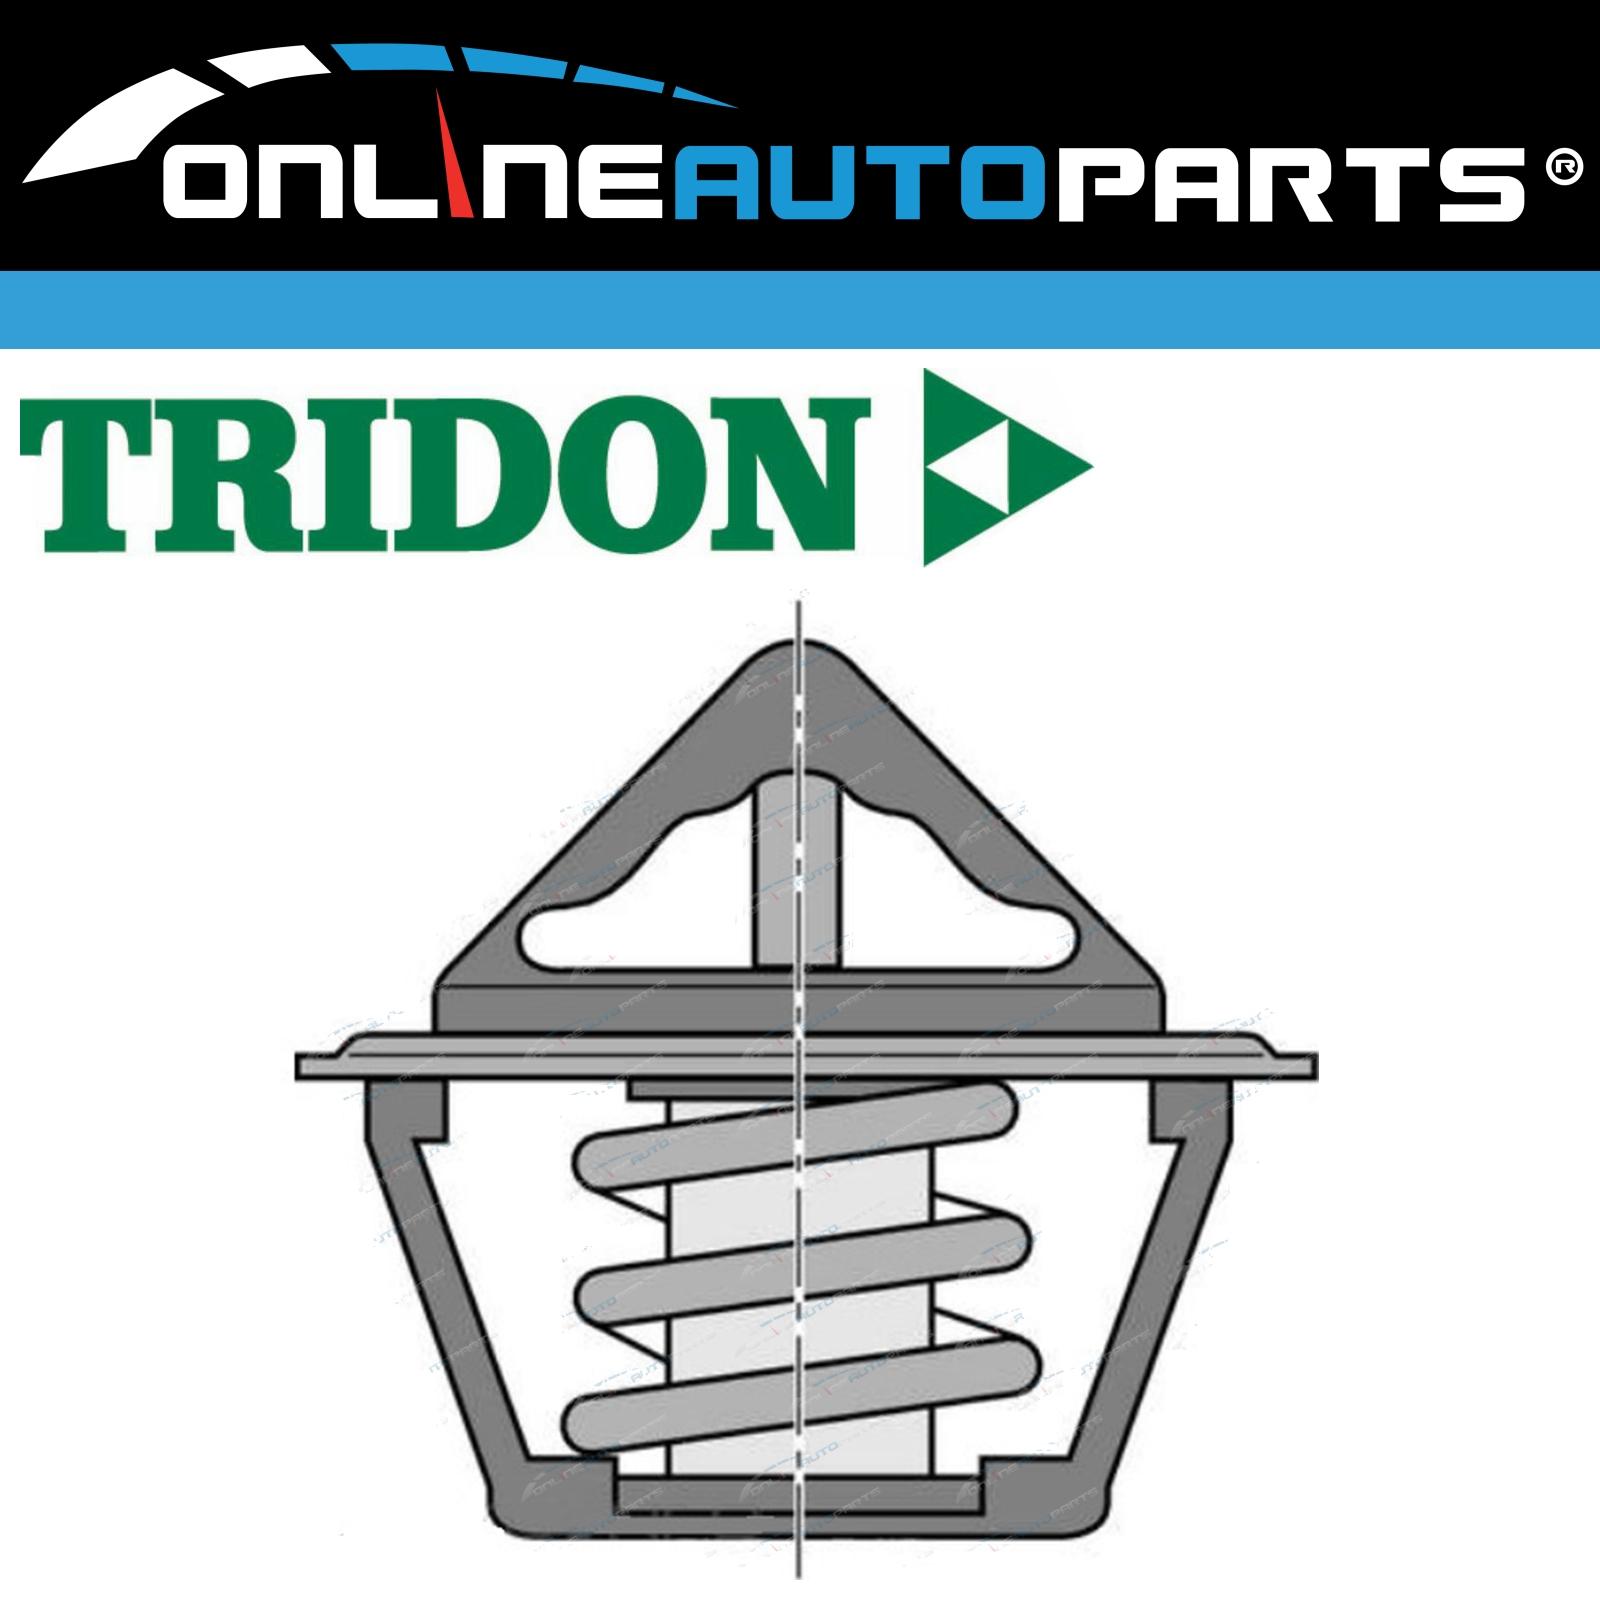 COMMODORE STATESMAN THERMOSTAT GASKET VS VT VX VY V6 3.8L SUPERCHARGED TRIDON